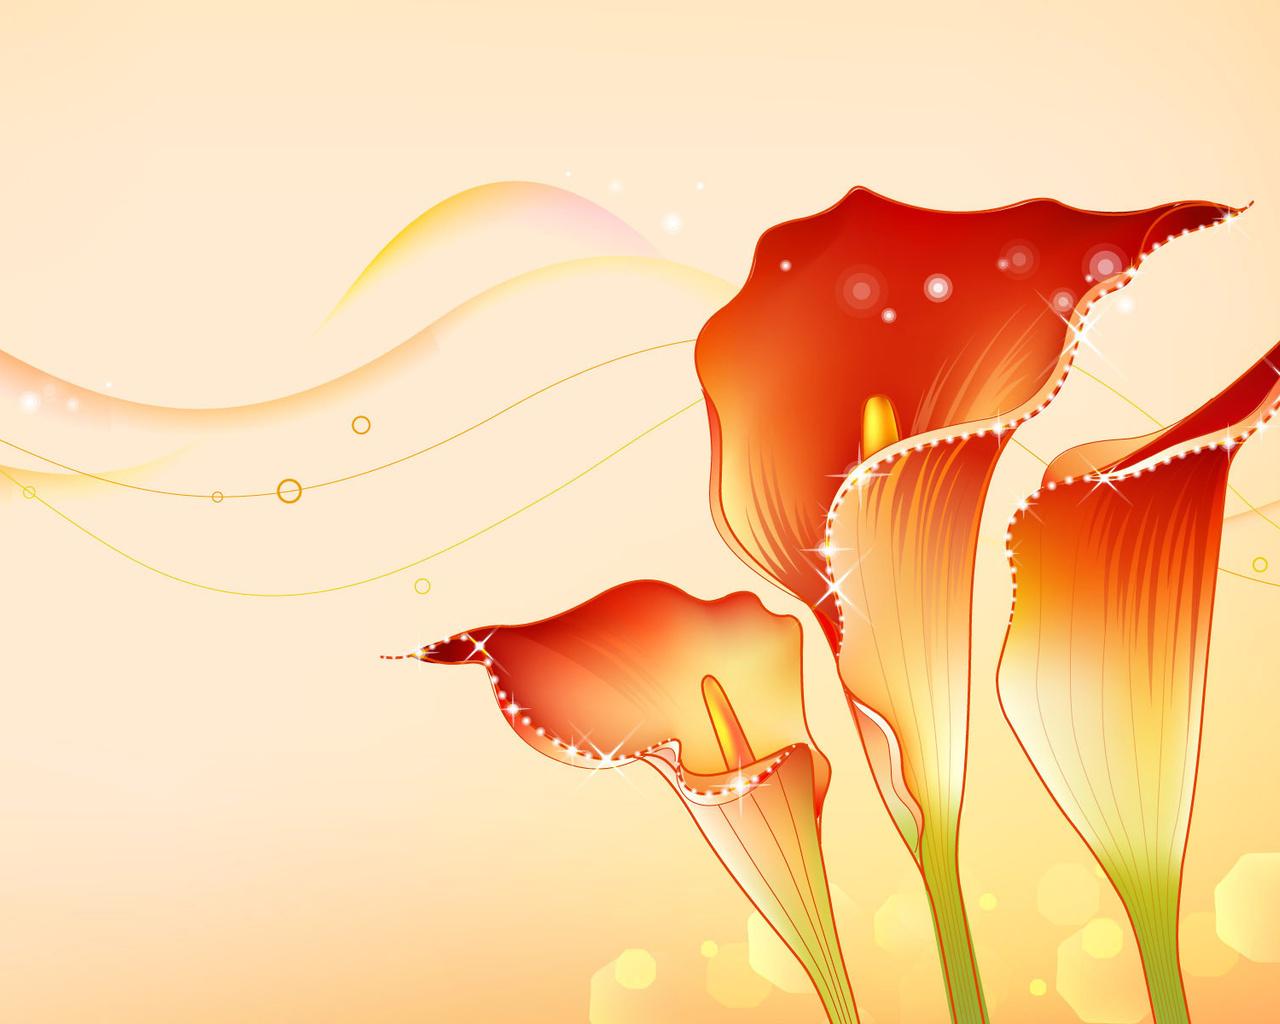 Цветы, стебель, лепестки, каллы, волны, открытка, линии